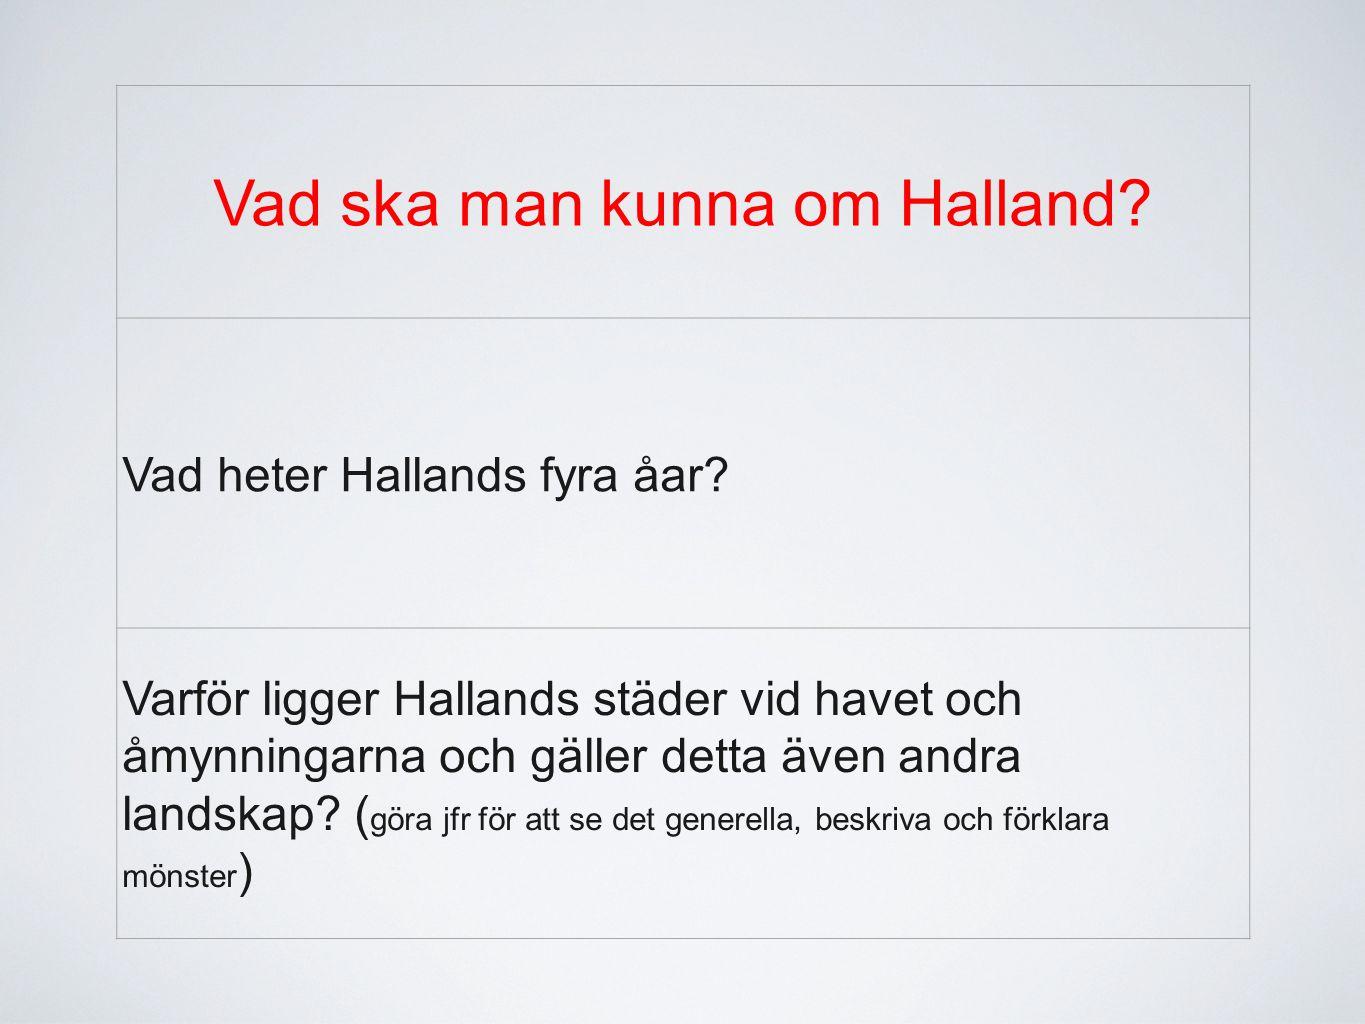 Vad ska man kunna om Halland